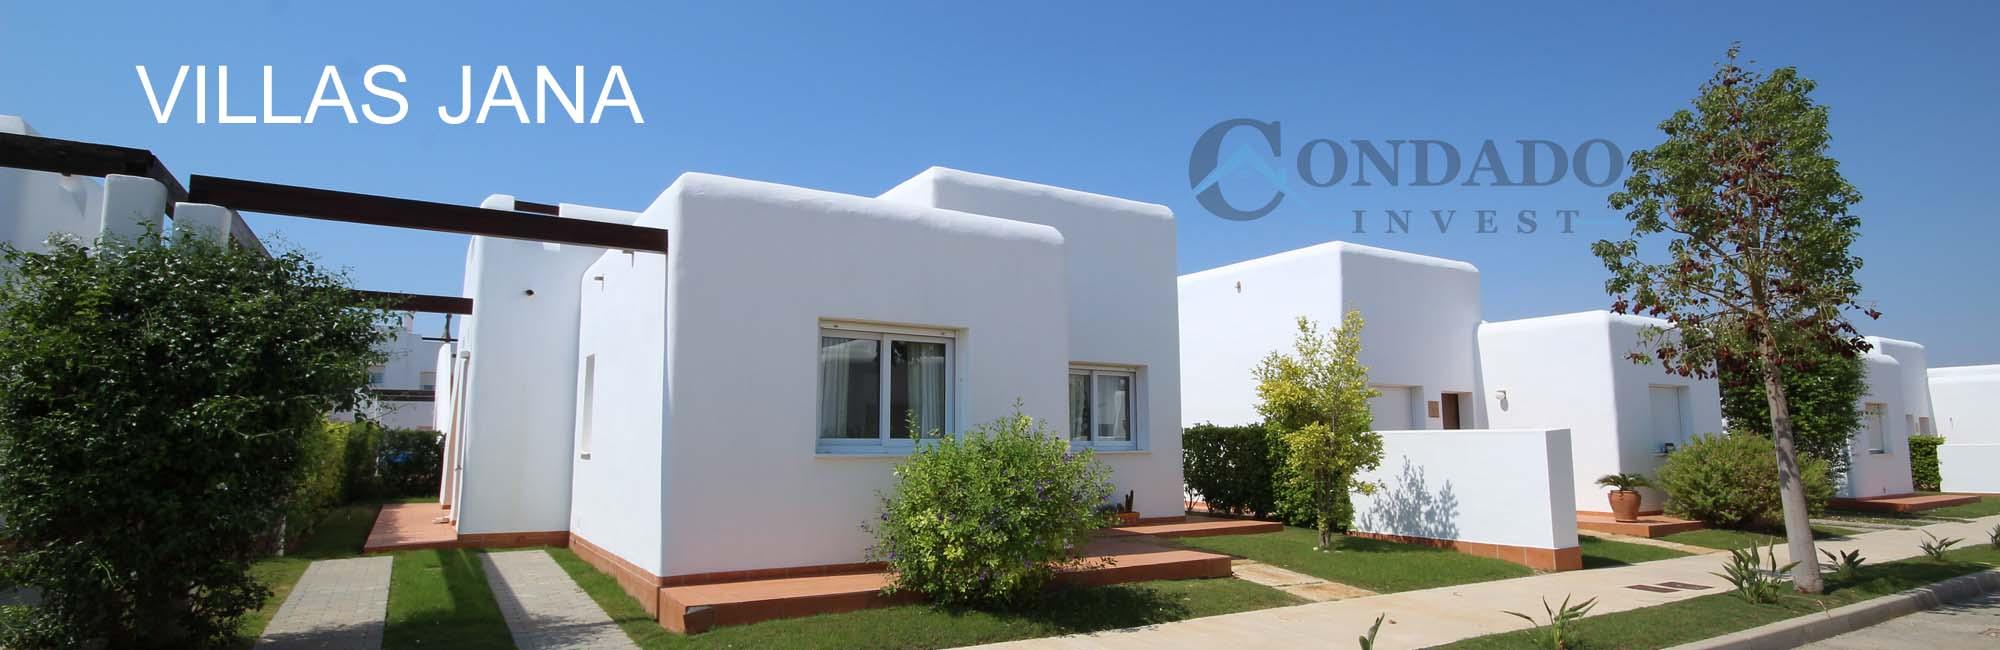 villa-jana-header-condado-invest